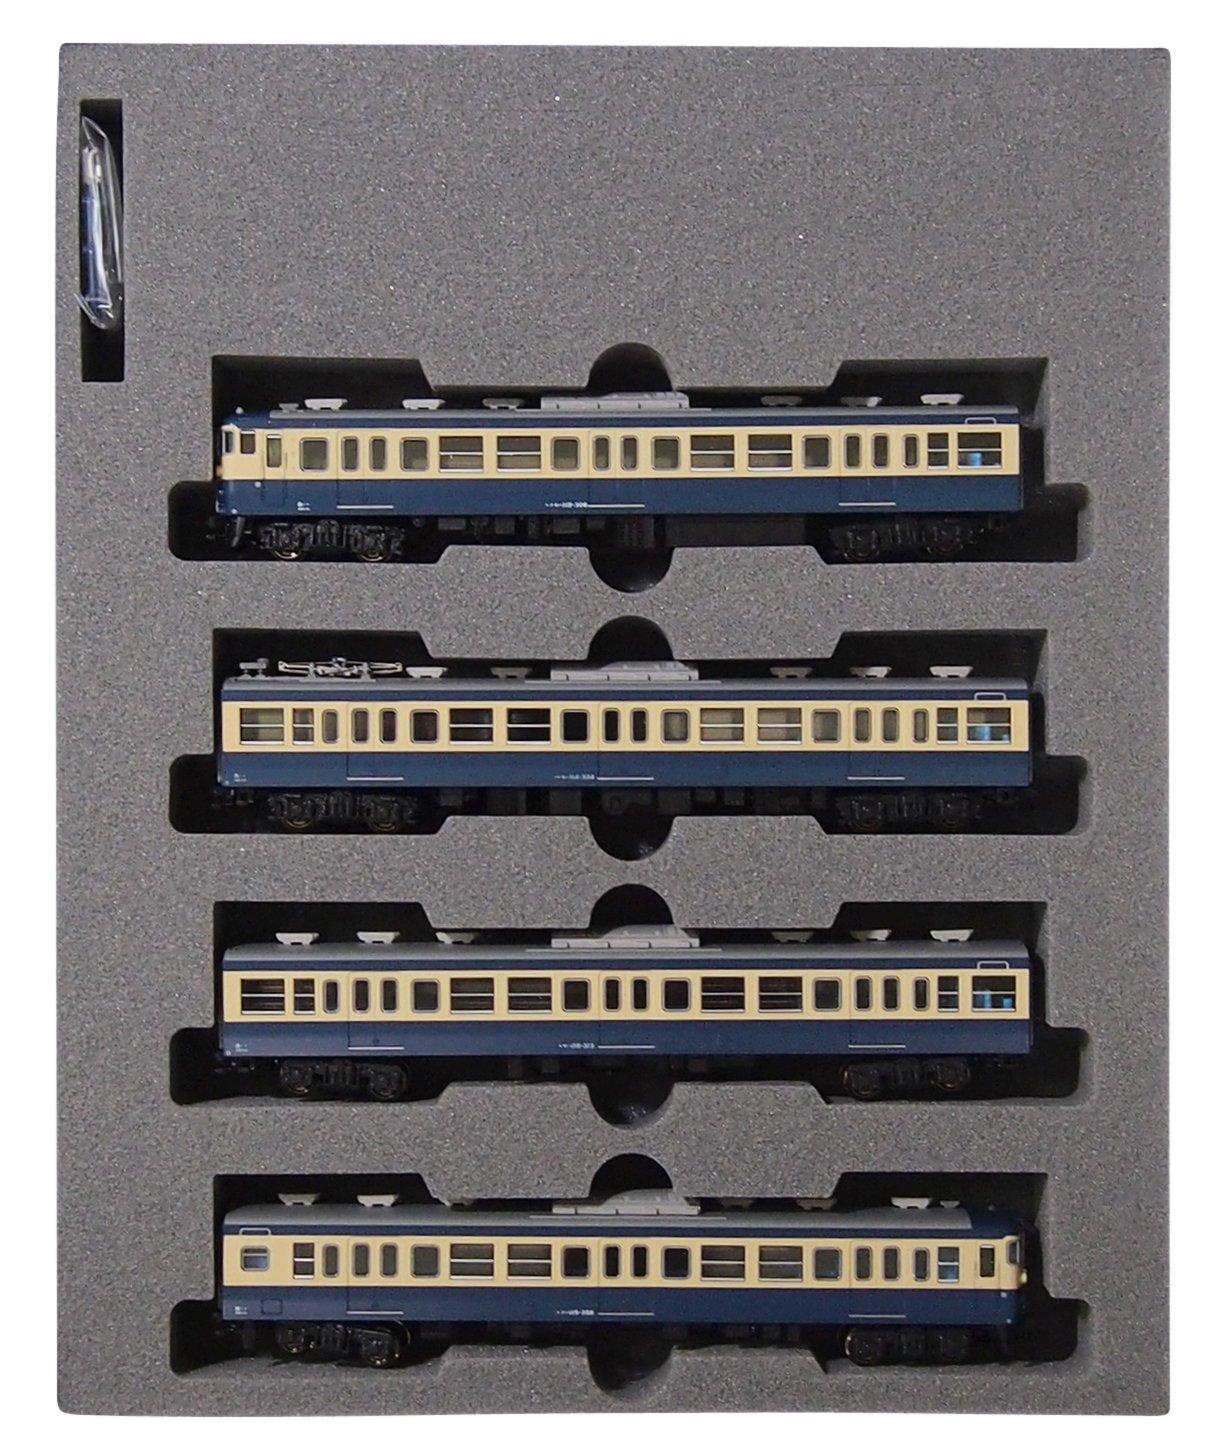 de calibre N 10-1272 115-basado de la serie 300 de color Yokosuka cuatro coches juego de la hematopoyesis